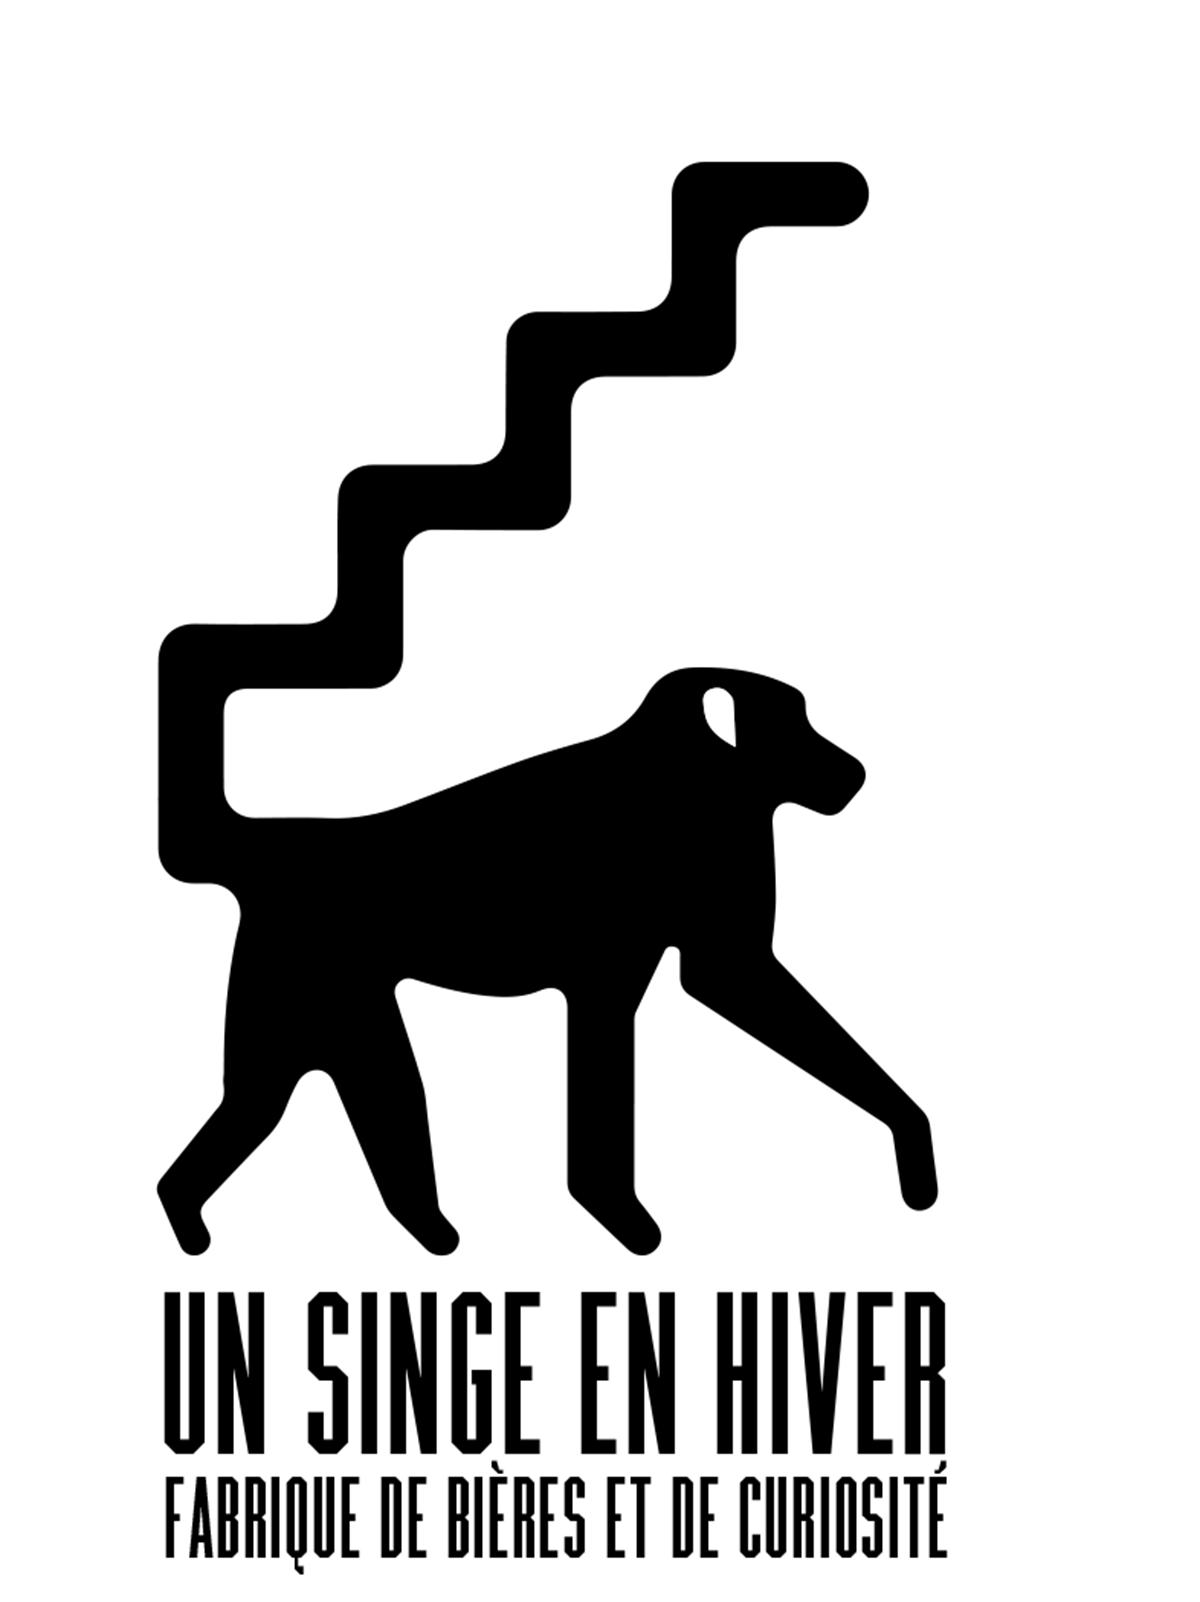 Logo Un Singe en hiver